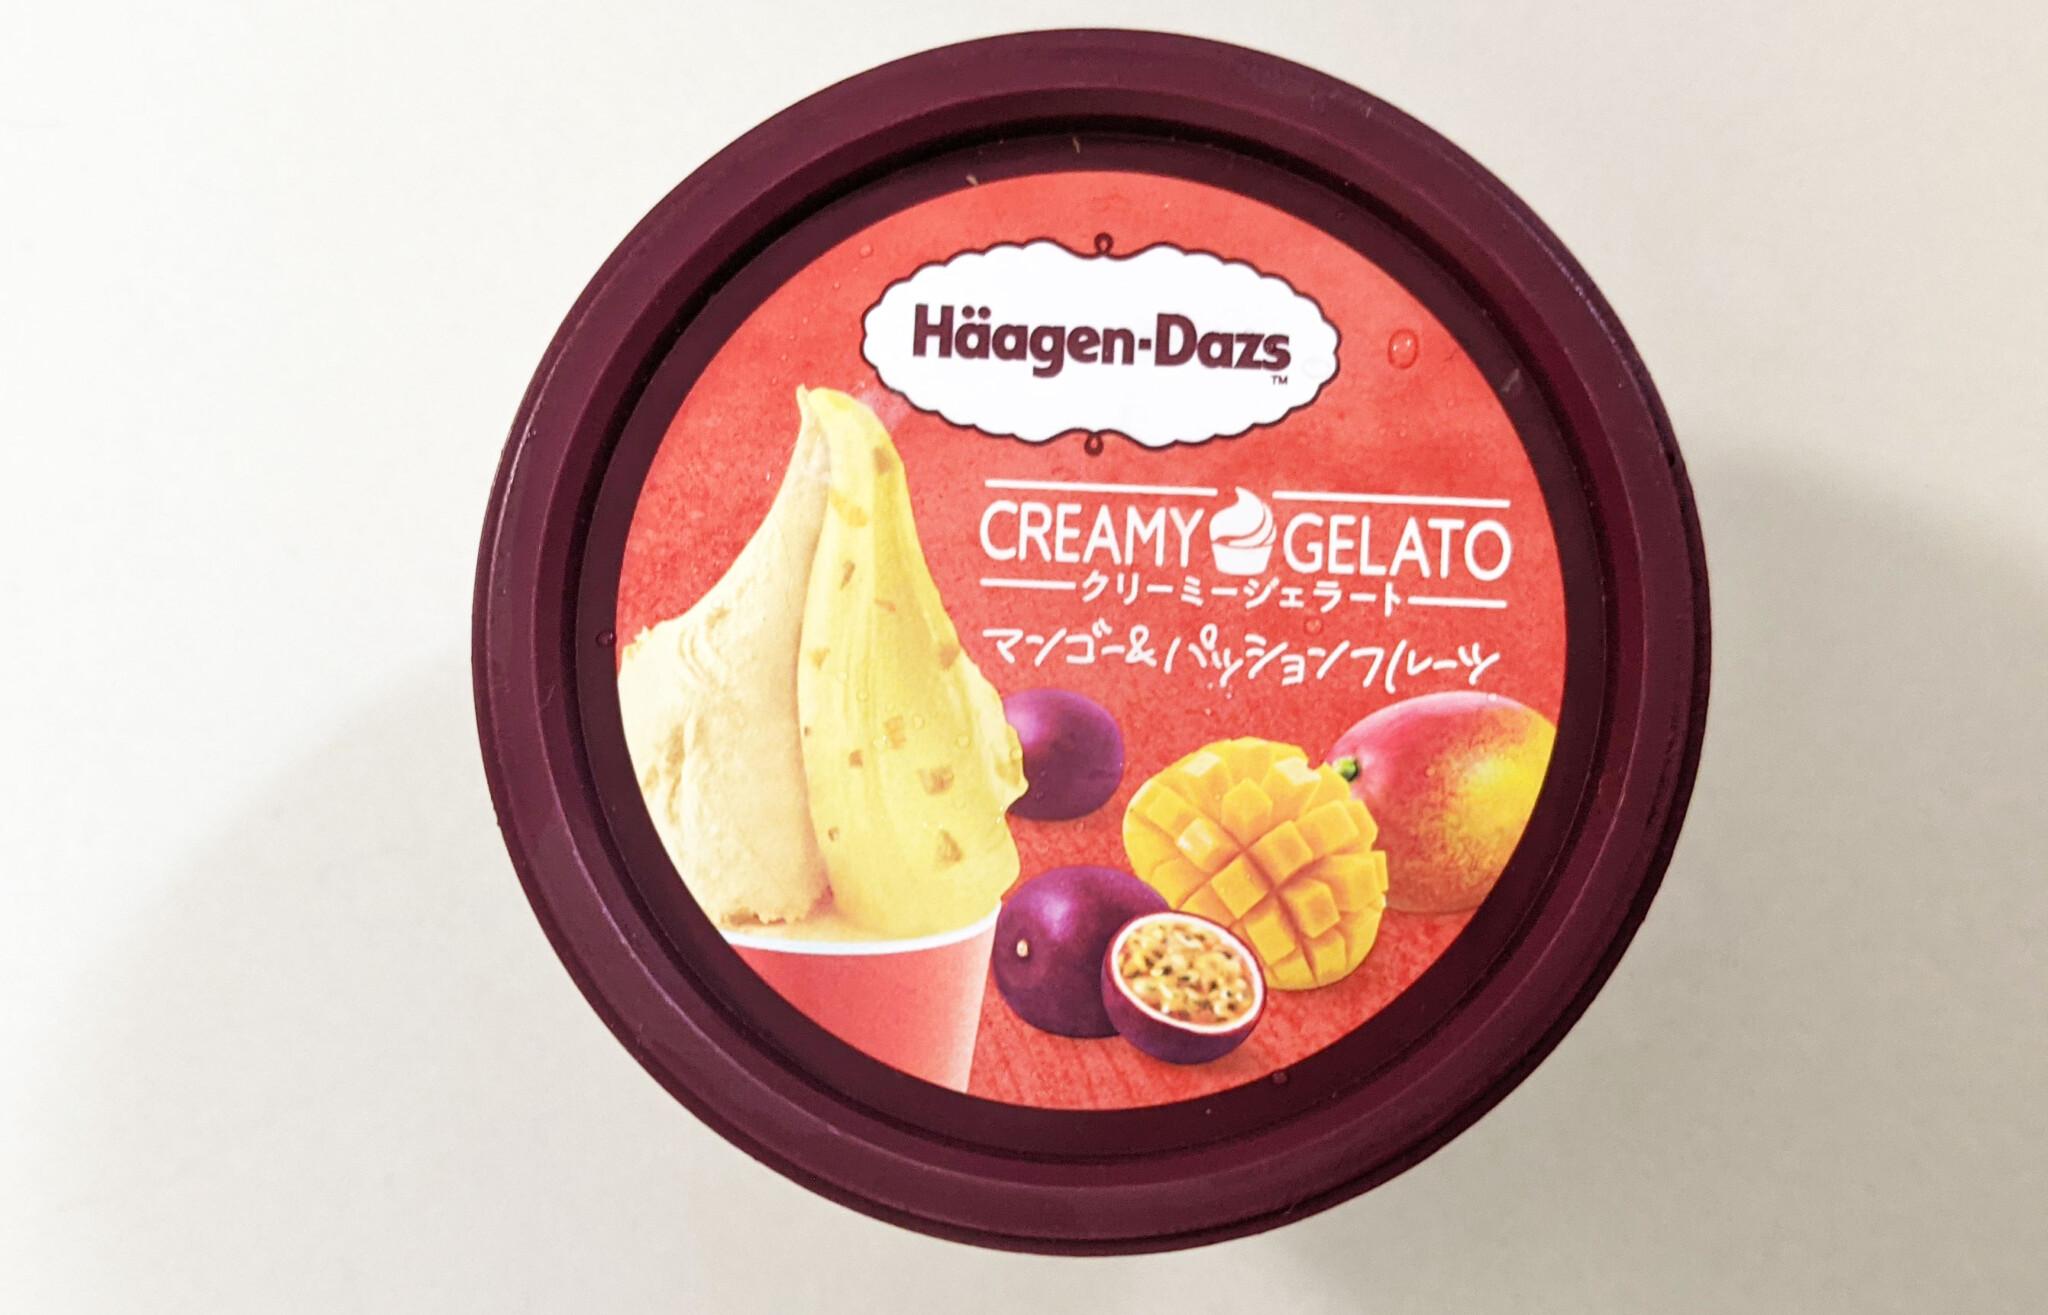 ハーゲンダッツ 新作 濃苺 マンゴー&パッションフルーツ ヘーゼルナッツ&ミルク 3ステップねり食べ 香り広がるミルクコーヒー キャラメルパーティー コーヒークッキーサンデー